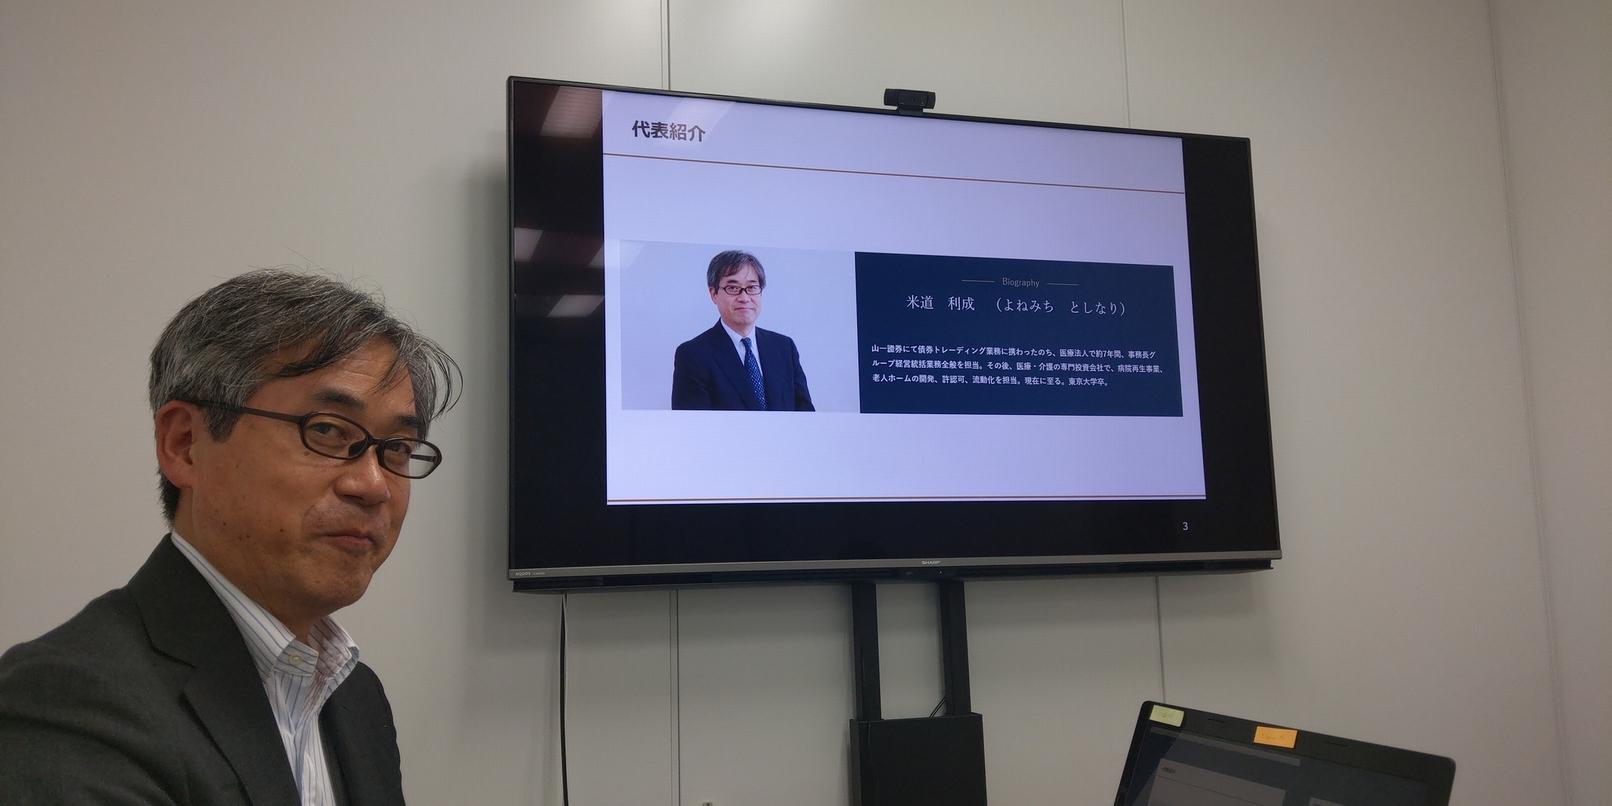 05バンクネクスト米道利成氏